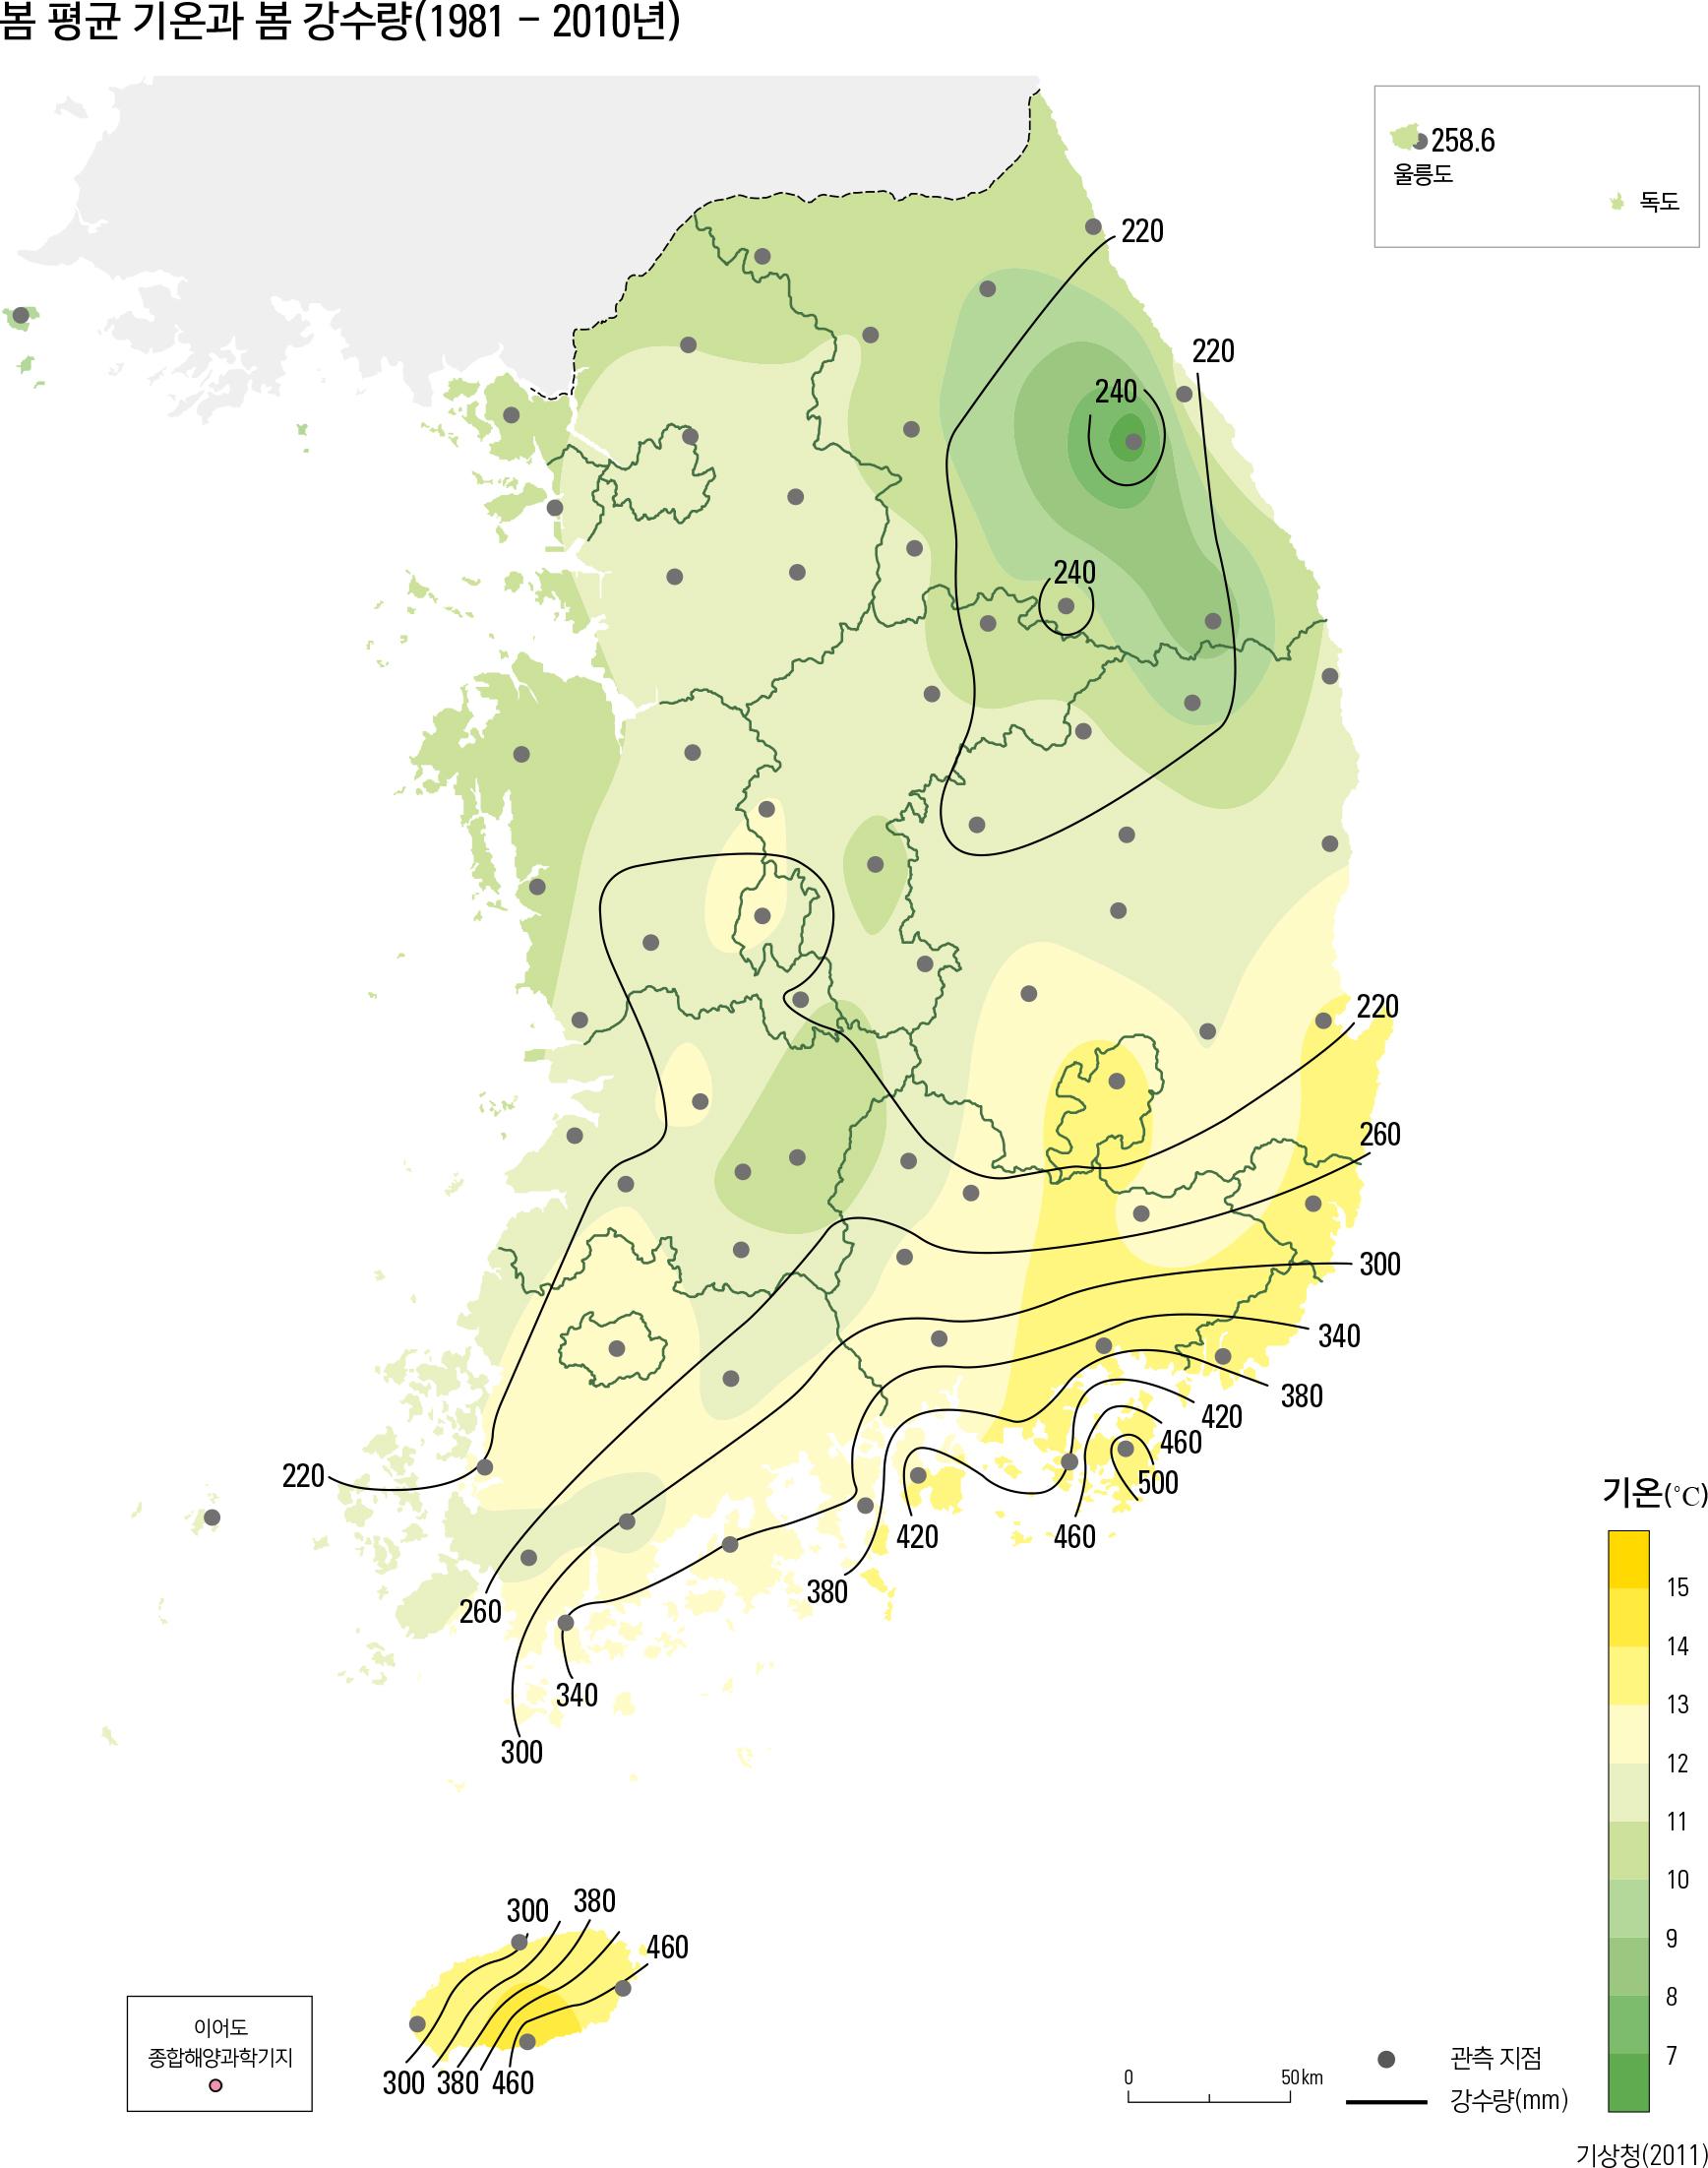 봄 평균 기온과 봄 강수량(1981 - 2010년)